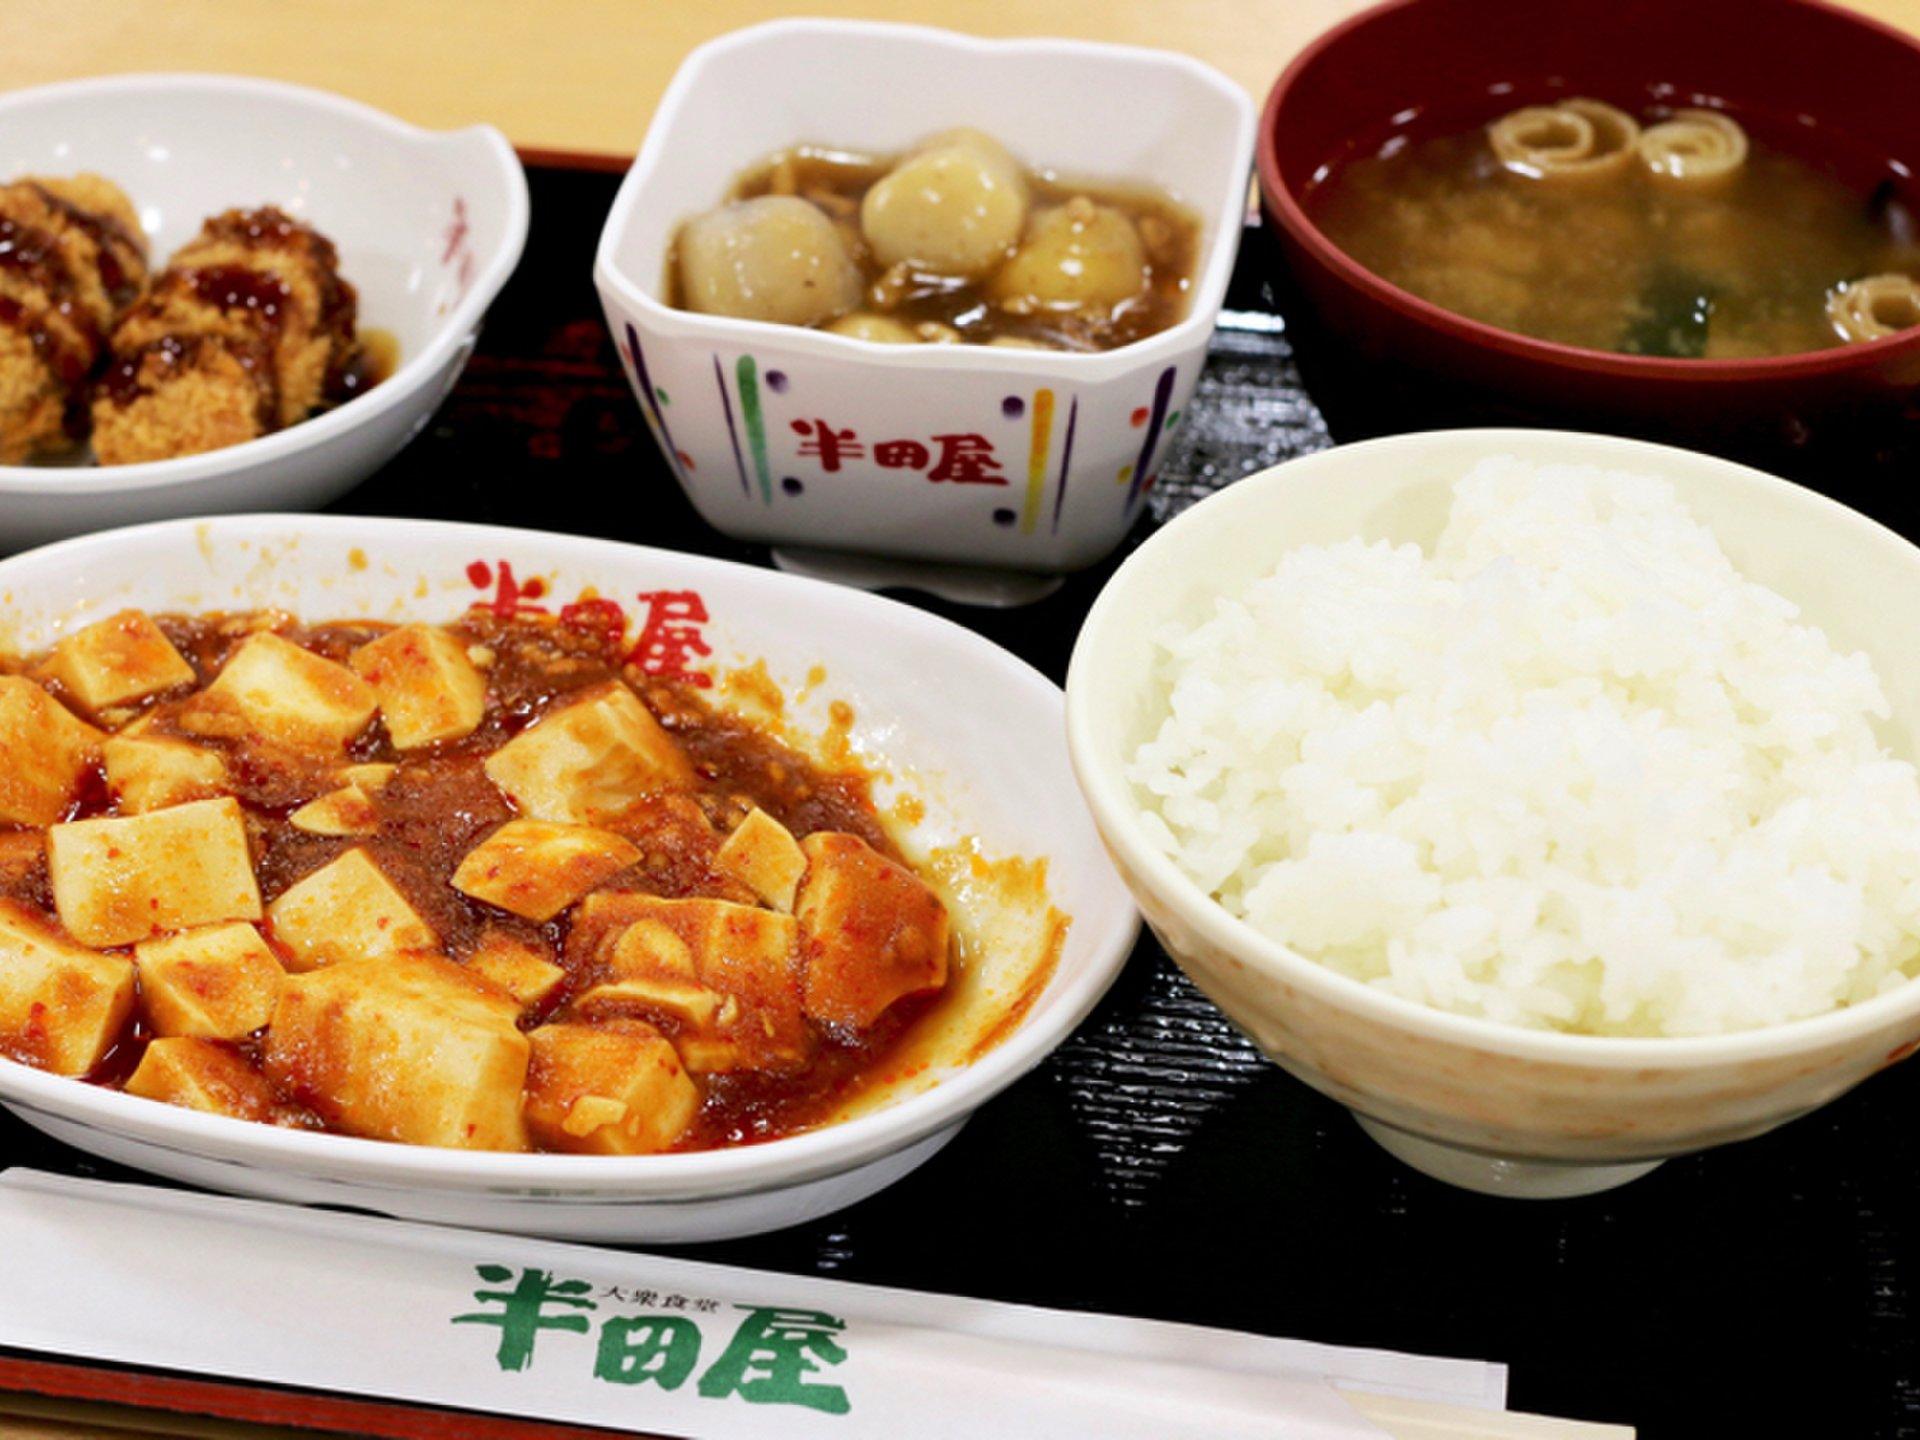 仙台駅チカでB級ローカル飯をリーズナブルに!ワンコインで大満足の「大衆食堂 半田屋」